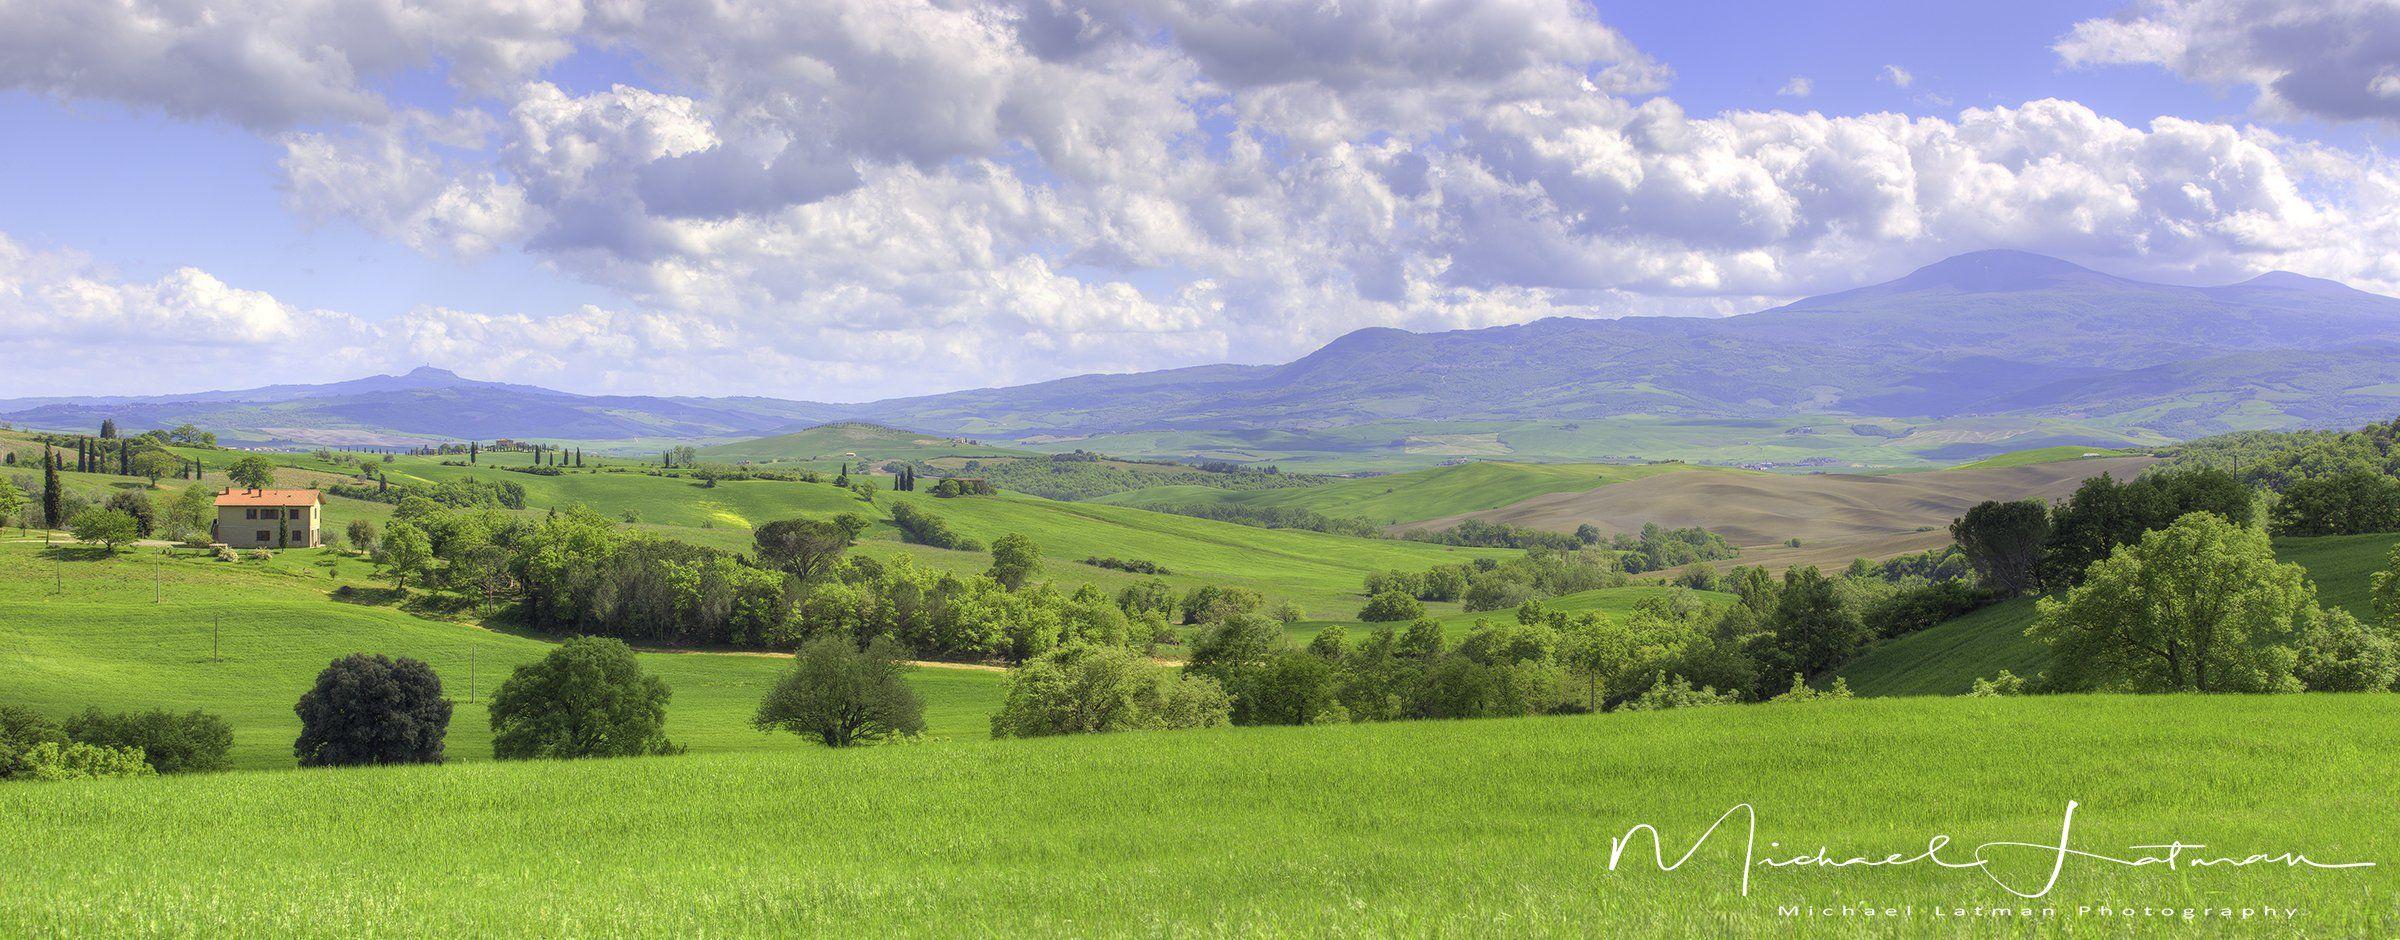 Италия,Тоскань,весна,красота,зелень, цветы,небо,пастораль,пейзаж, Michael Latman